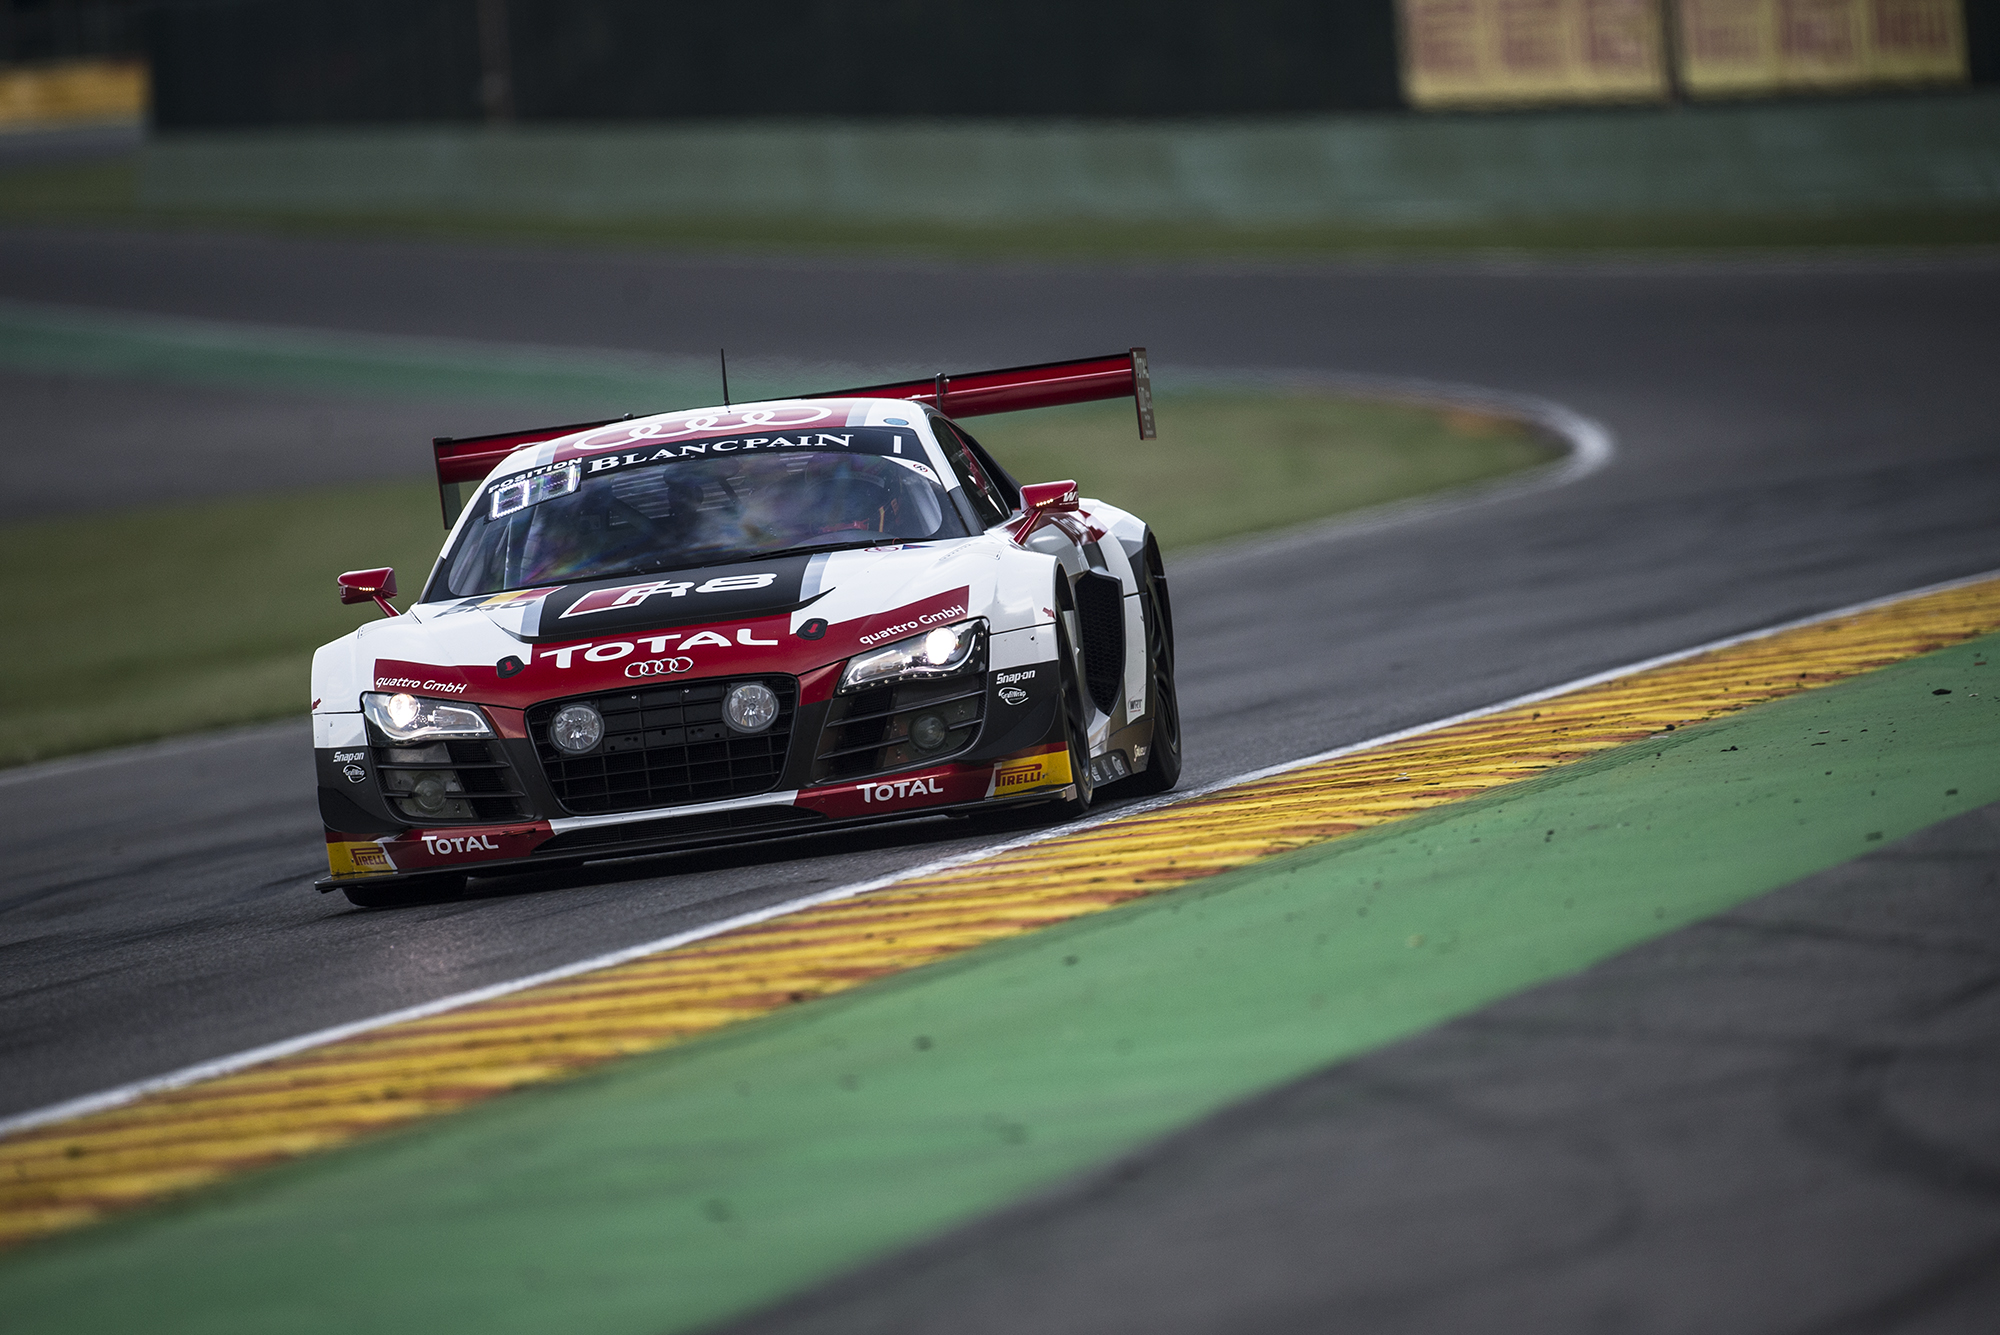 24 Heures de Spa : Laurens Vanthoor décroche la pole position pour Audi !